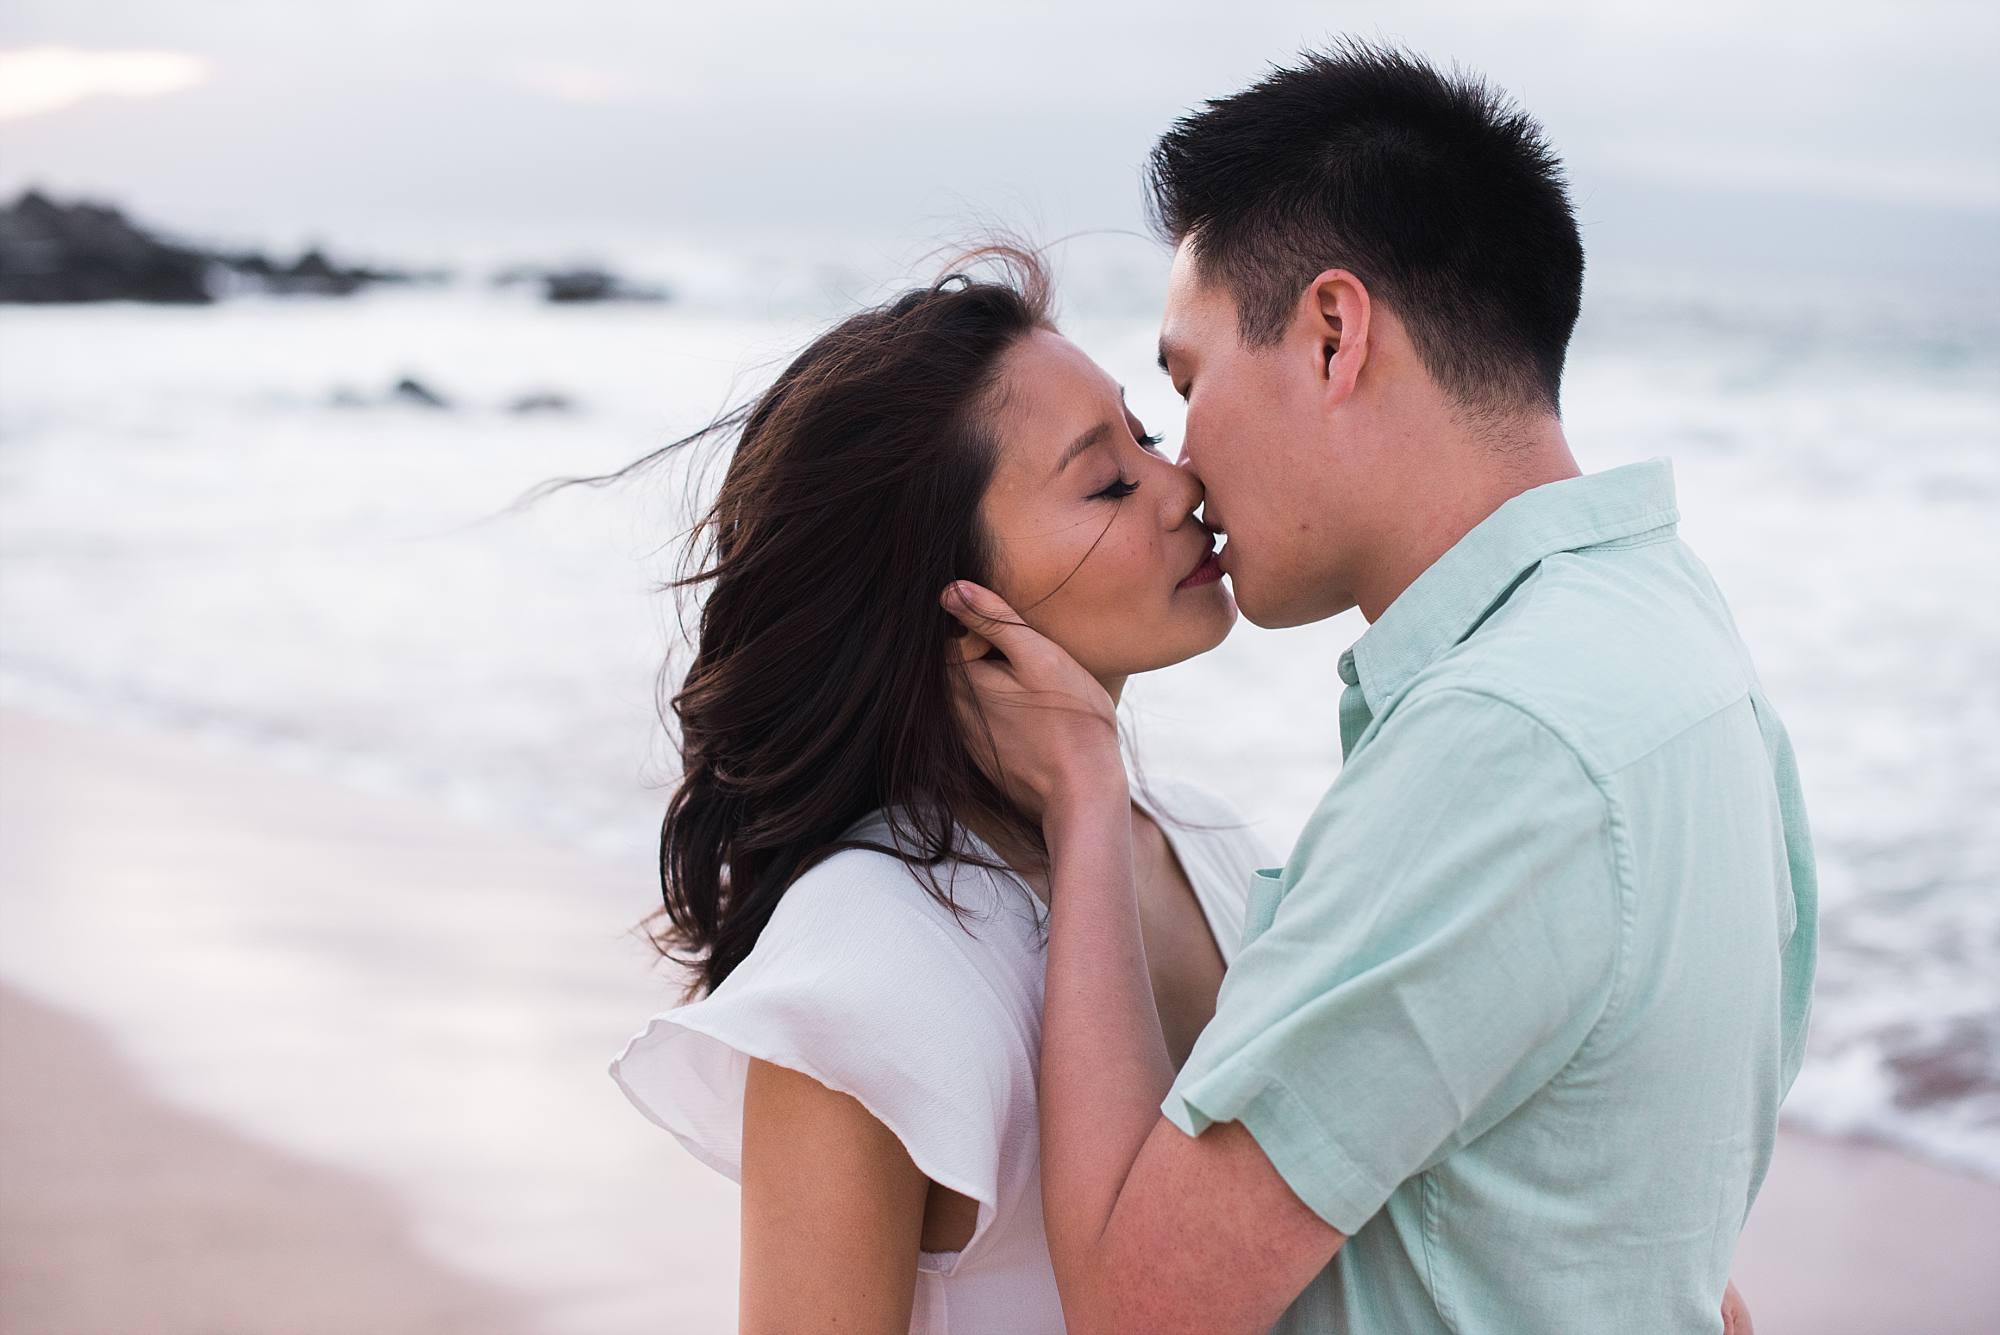 windswept maternity photo of loving couple kissing